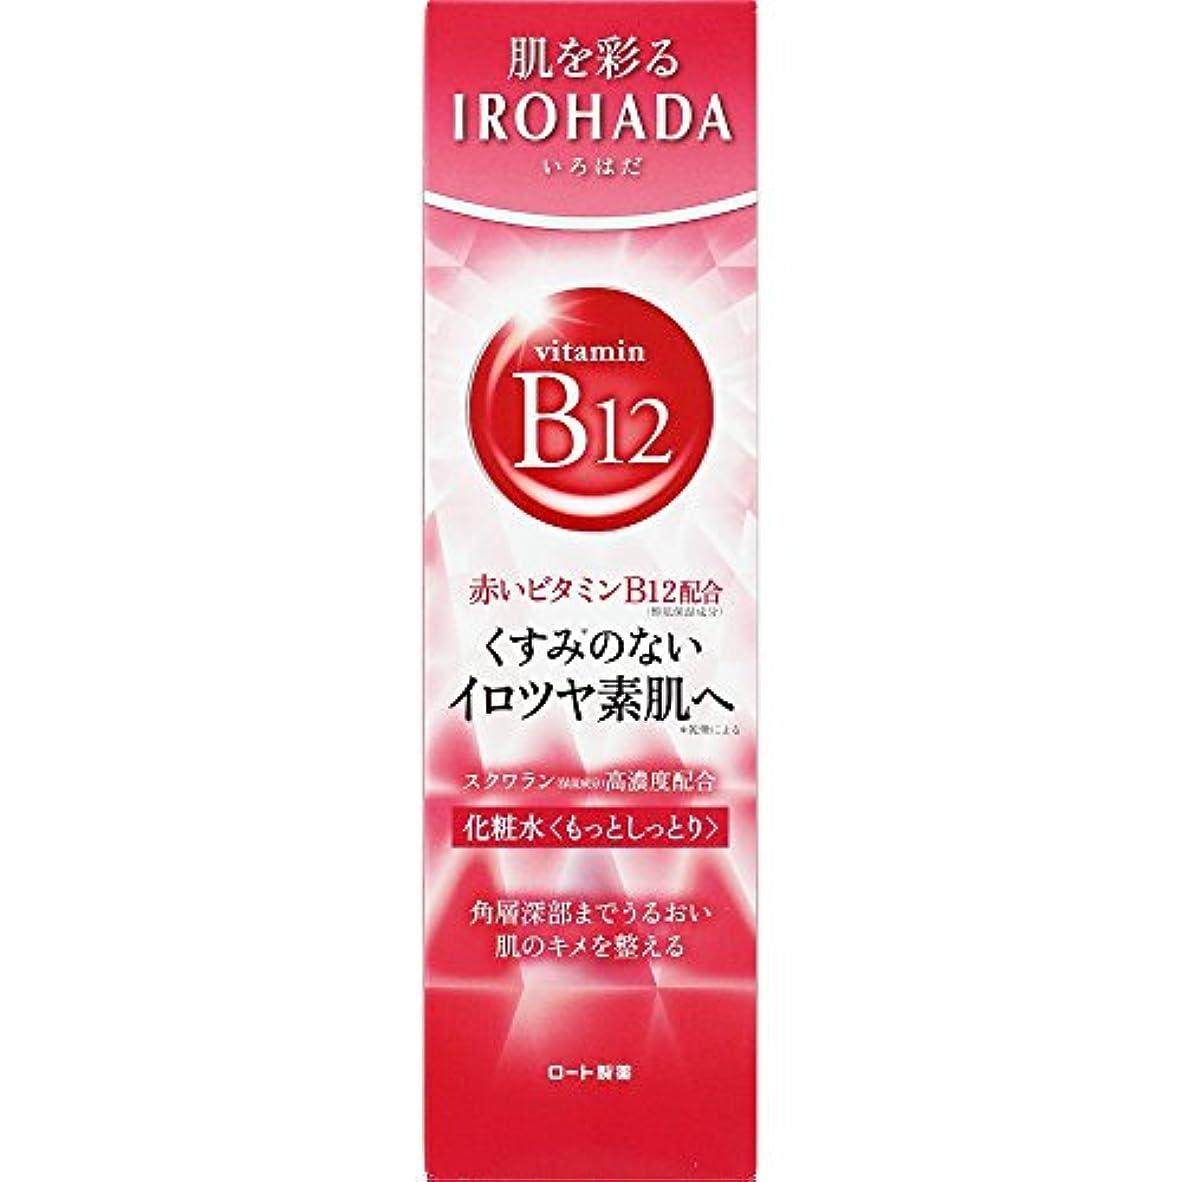 収入バング型ロート製薬 いろはだ (IROHADA) 赤いビタミンB12×スクワラン配合 化粧水もっとしっとり 160ml